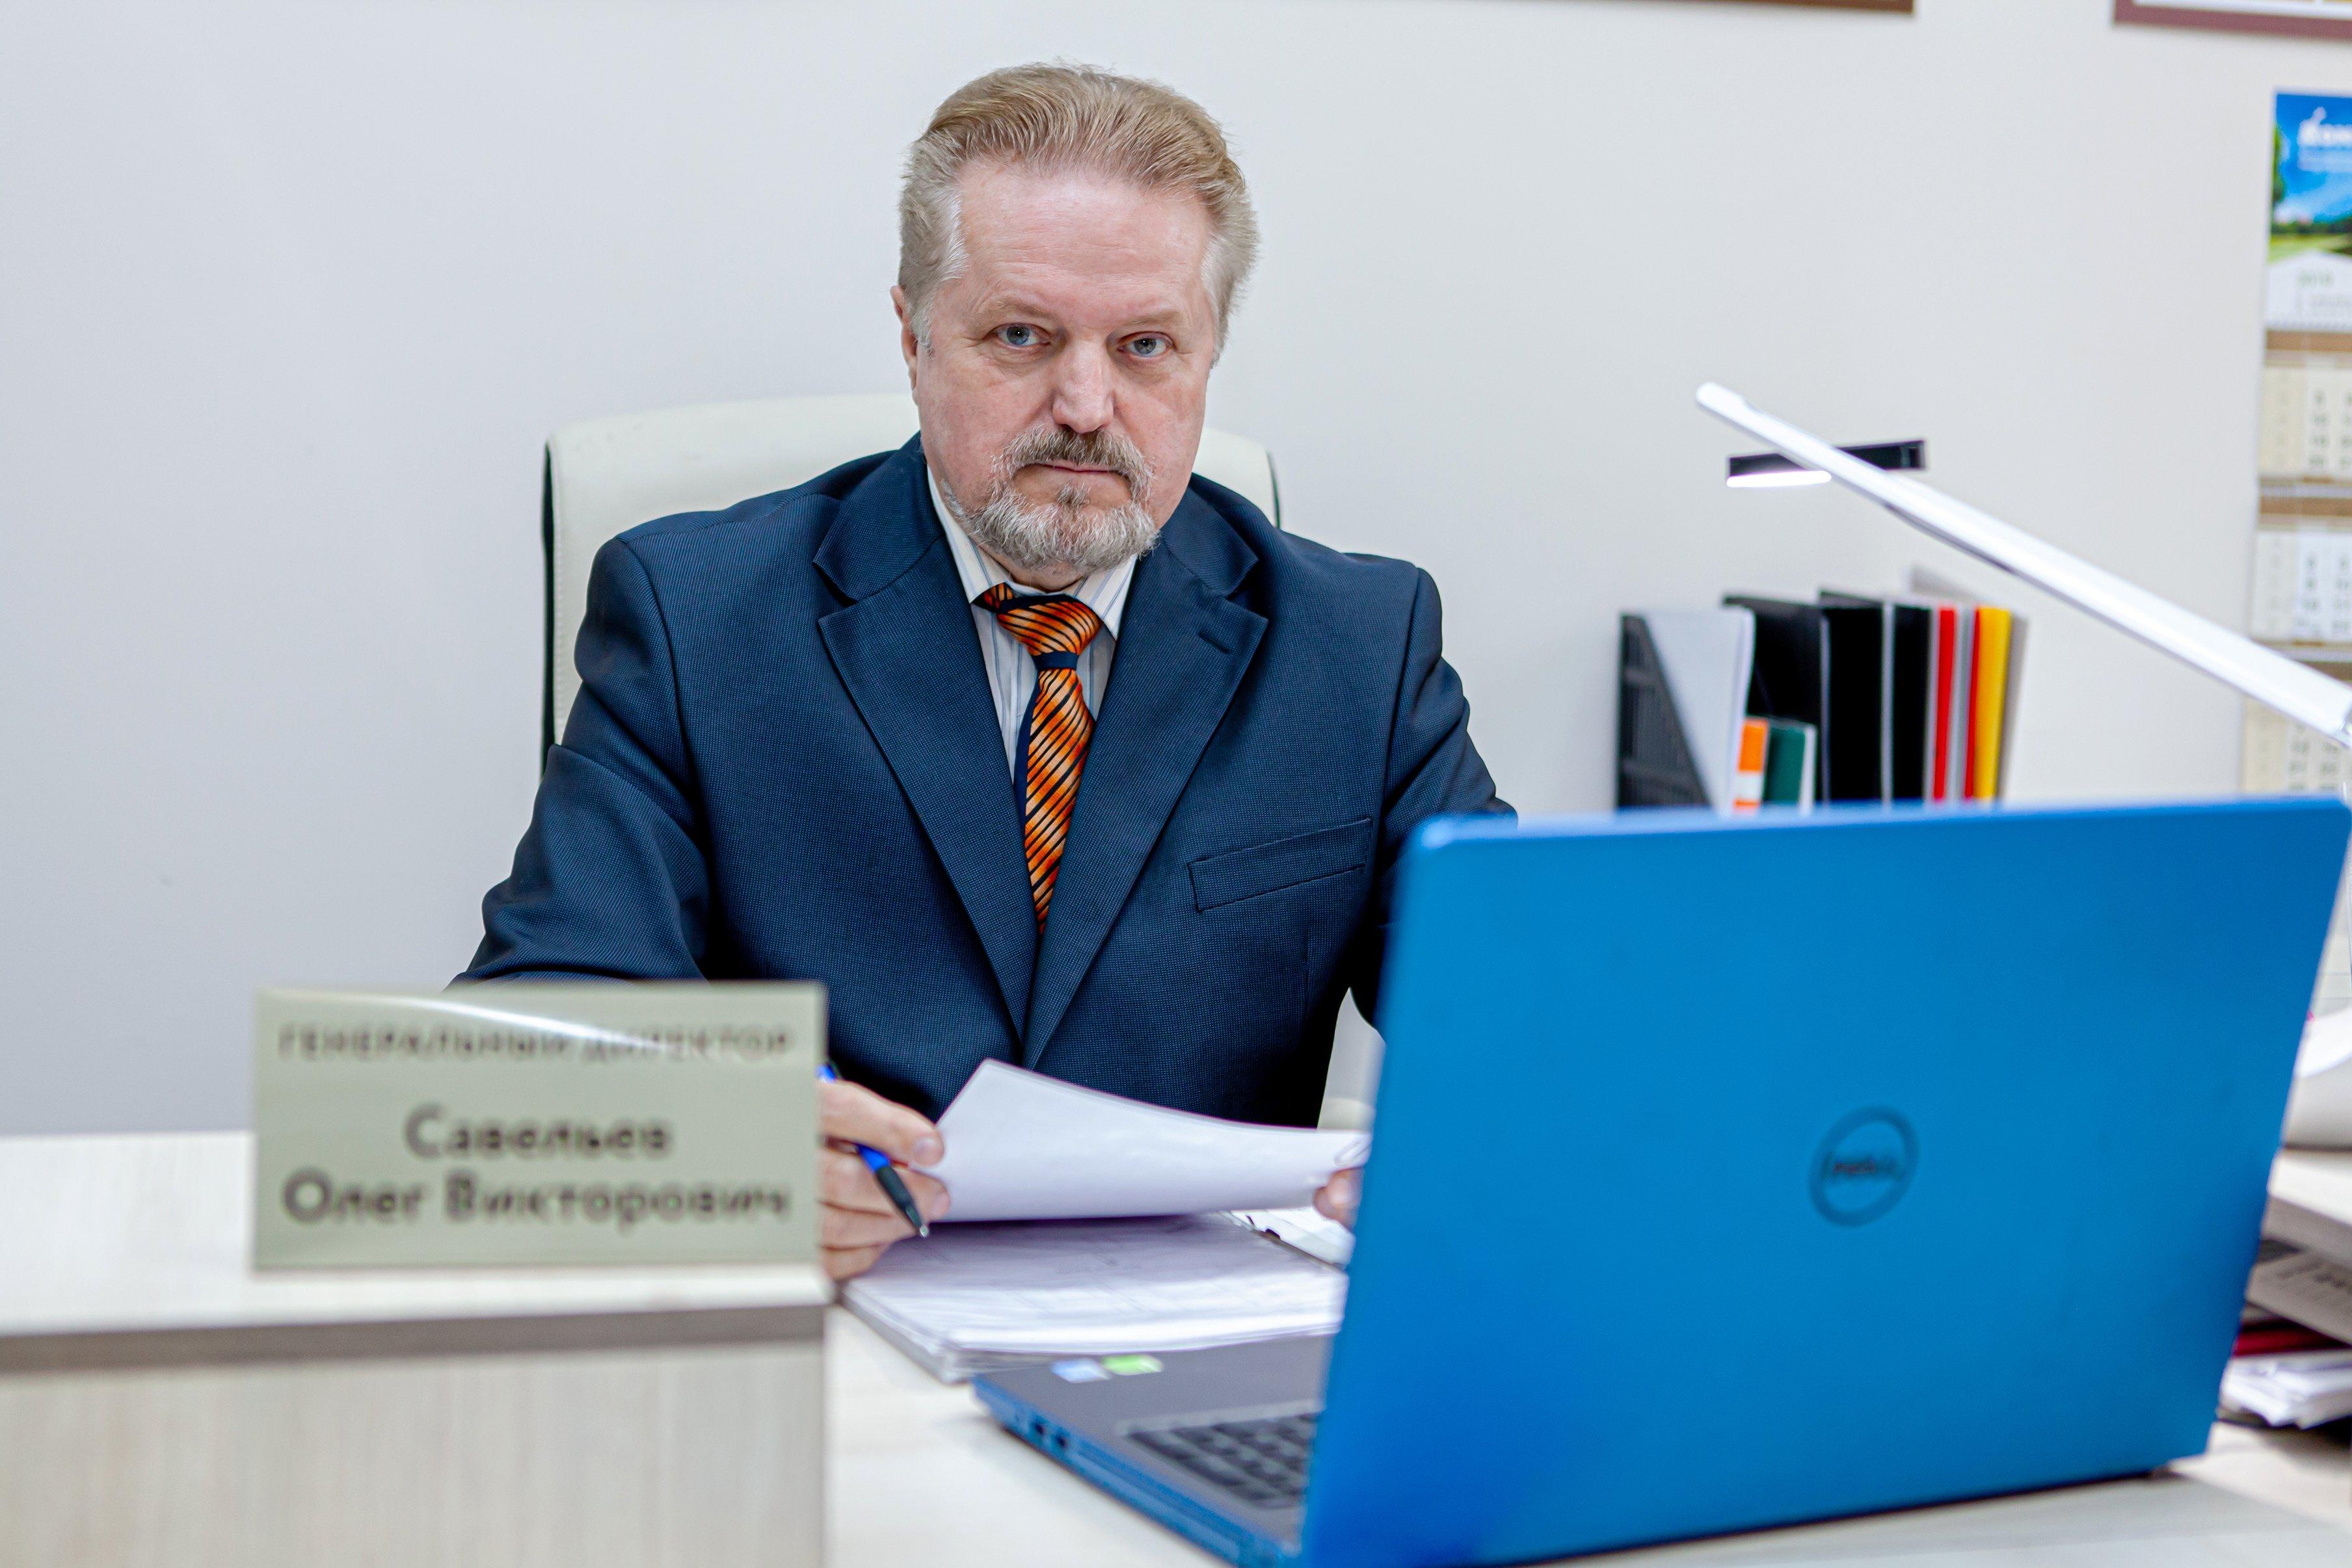 Савельев Олег Викторович, главный архитектор Дом-67, г. Смоленск